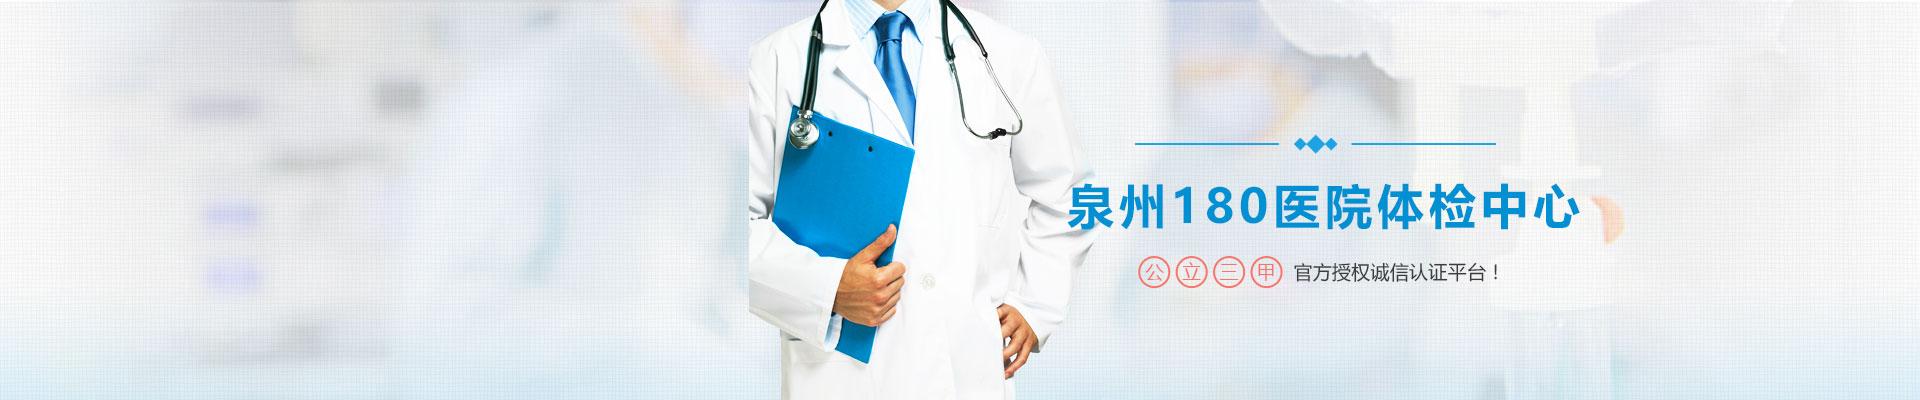 泉州解放军第180医院体检中心,网上体检预约通道!